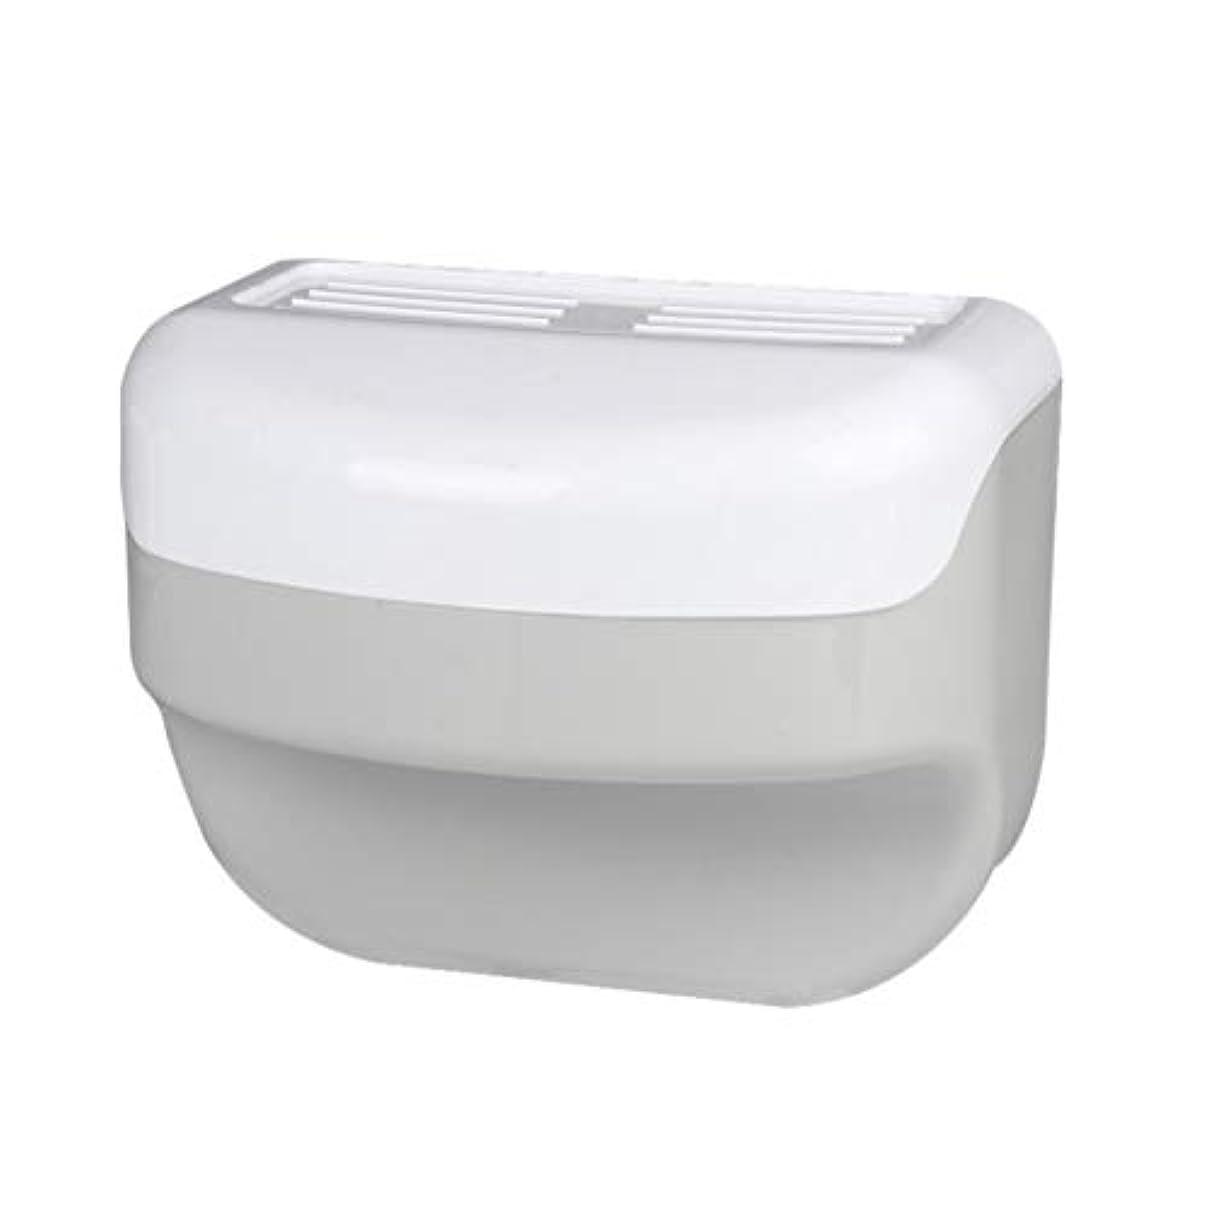 ケイ素インセンティブ付与TOPBATHY 浴室トイレティッシュボックスラック壁吸盤ロールホルダーフリー掘削ネイルフリーティッシュボックス